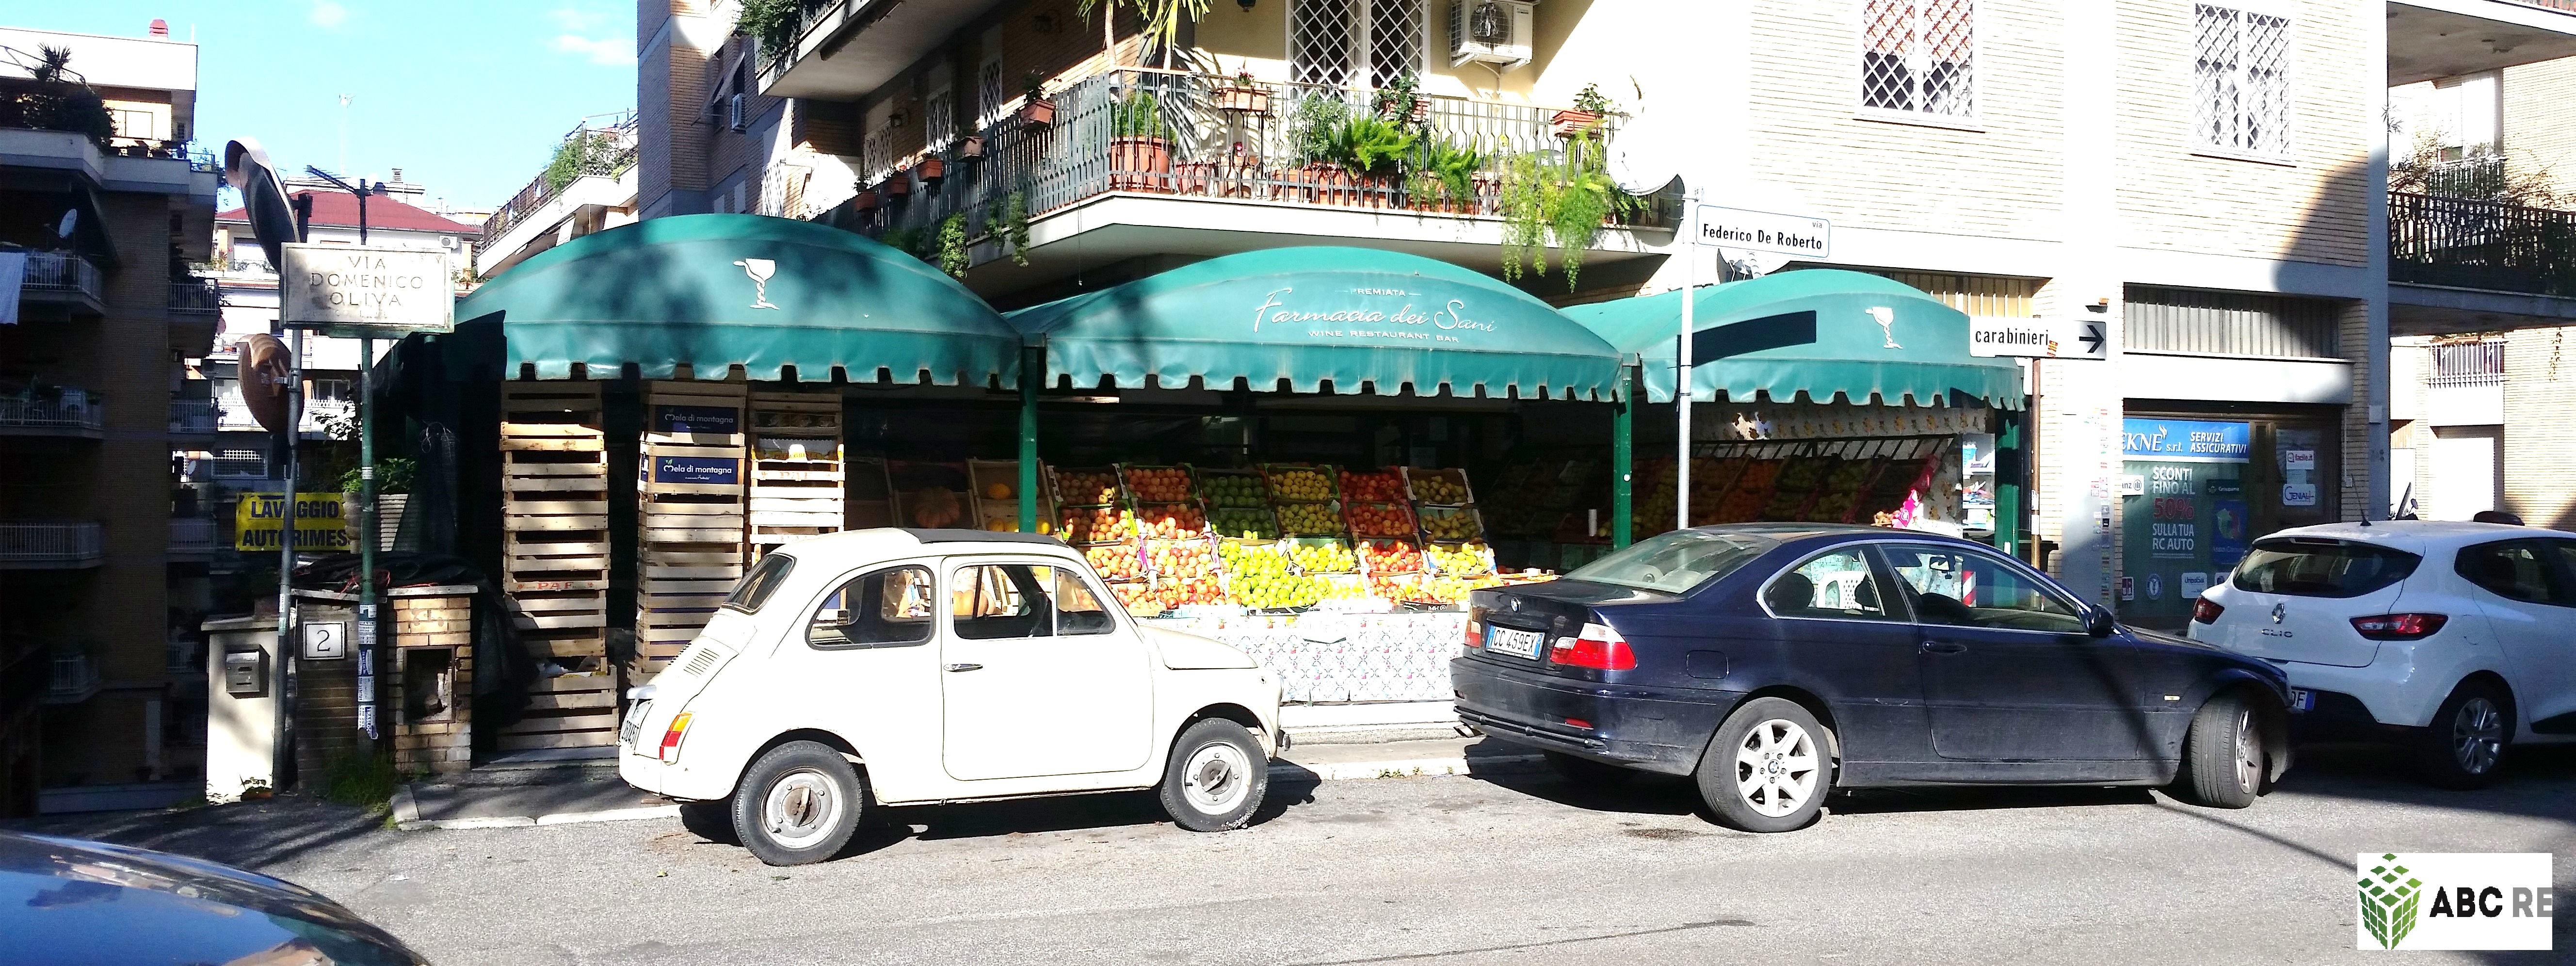 TALENTI  negozio  C/1Via Federico De Roberto